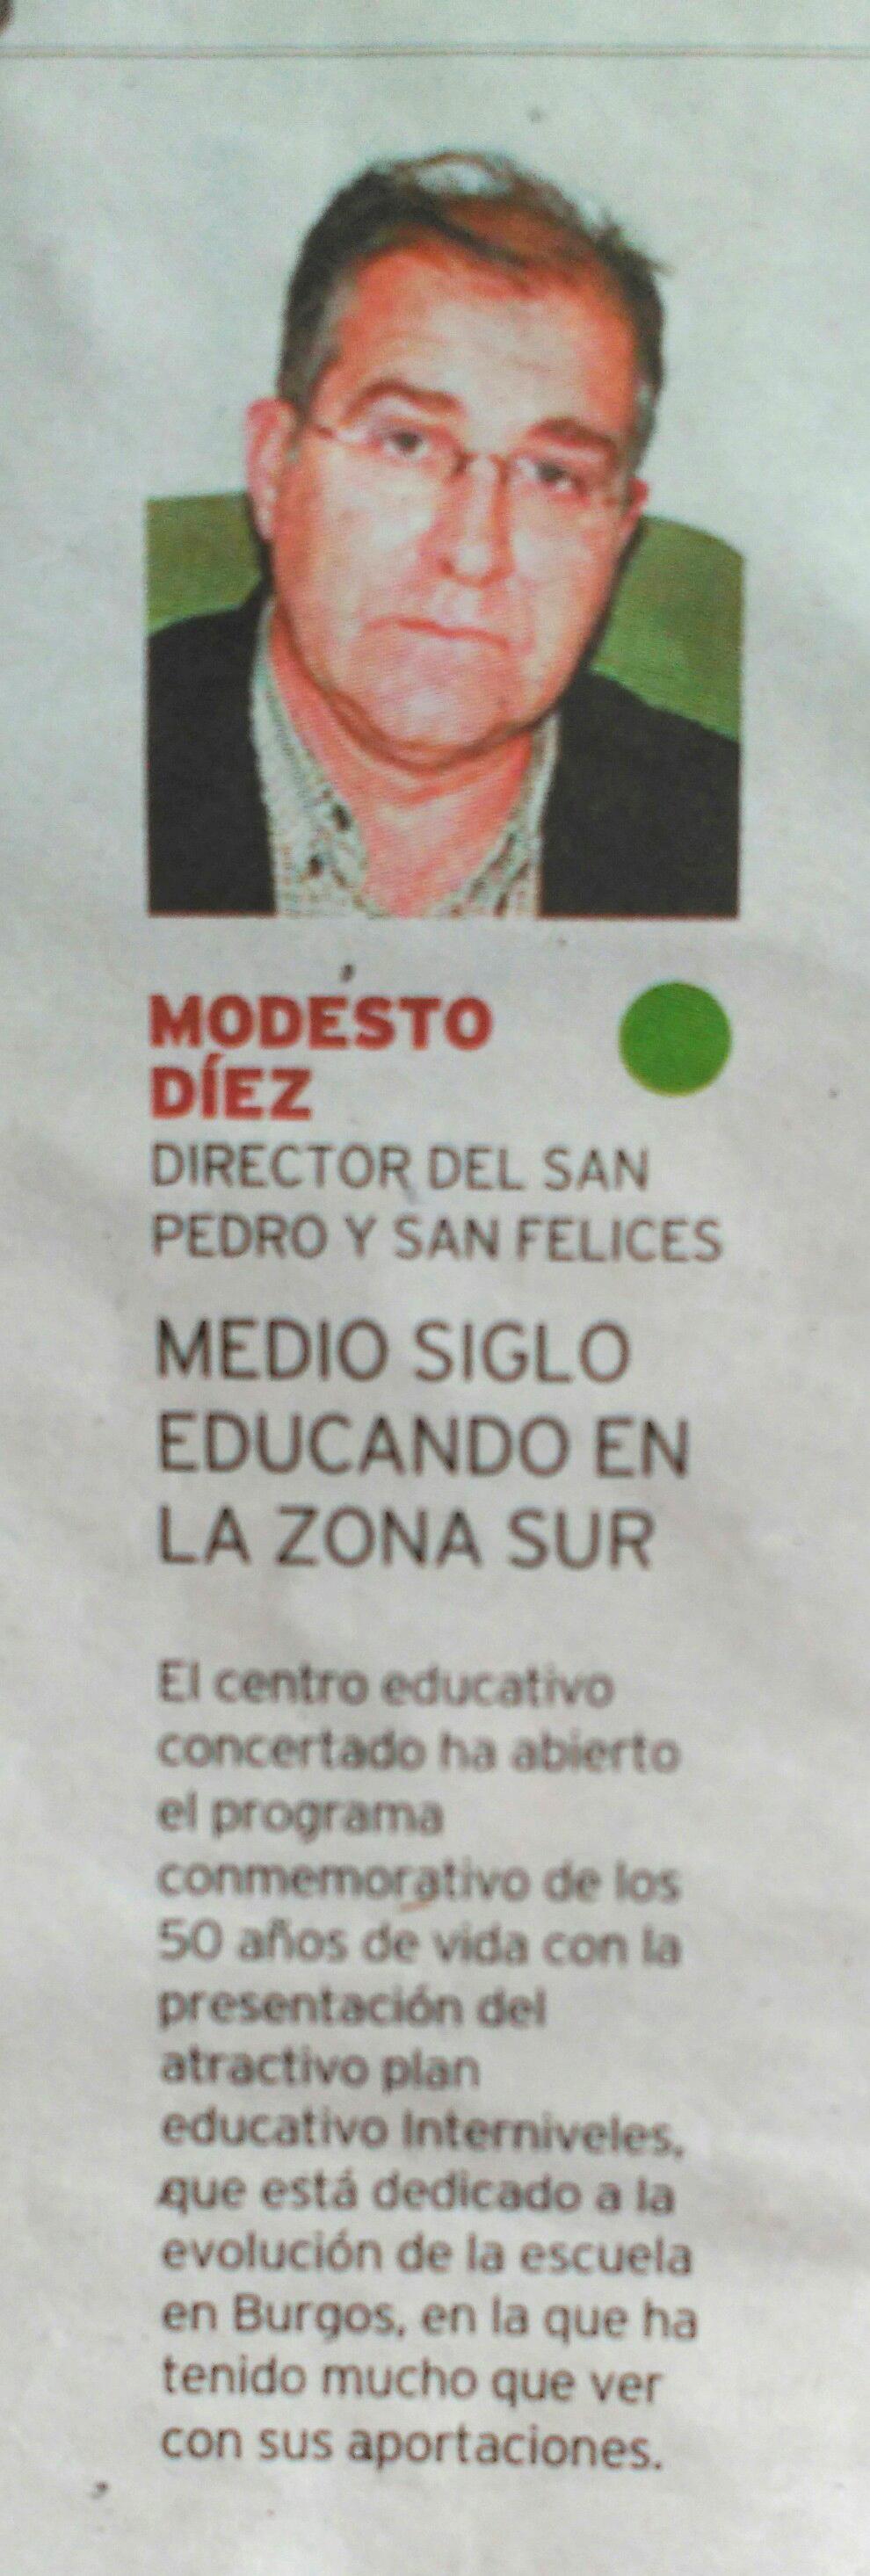 Modesto Diez Blanco, Diario de Burgos 22 abril de 2016